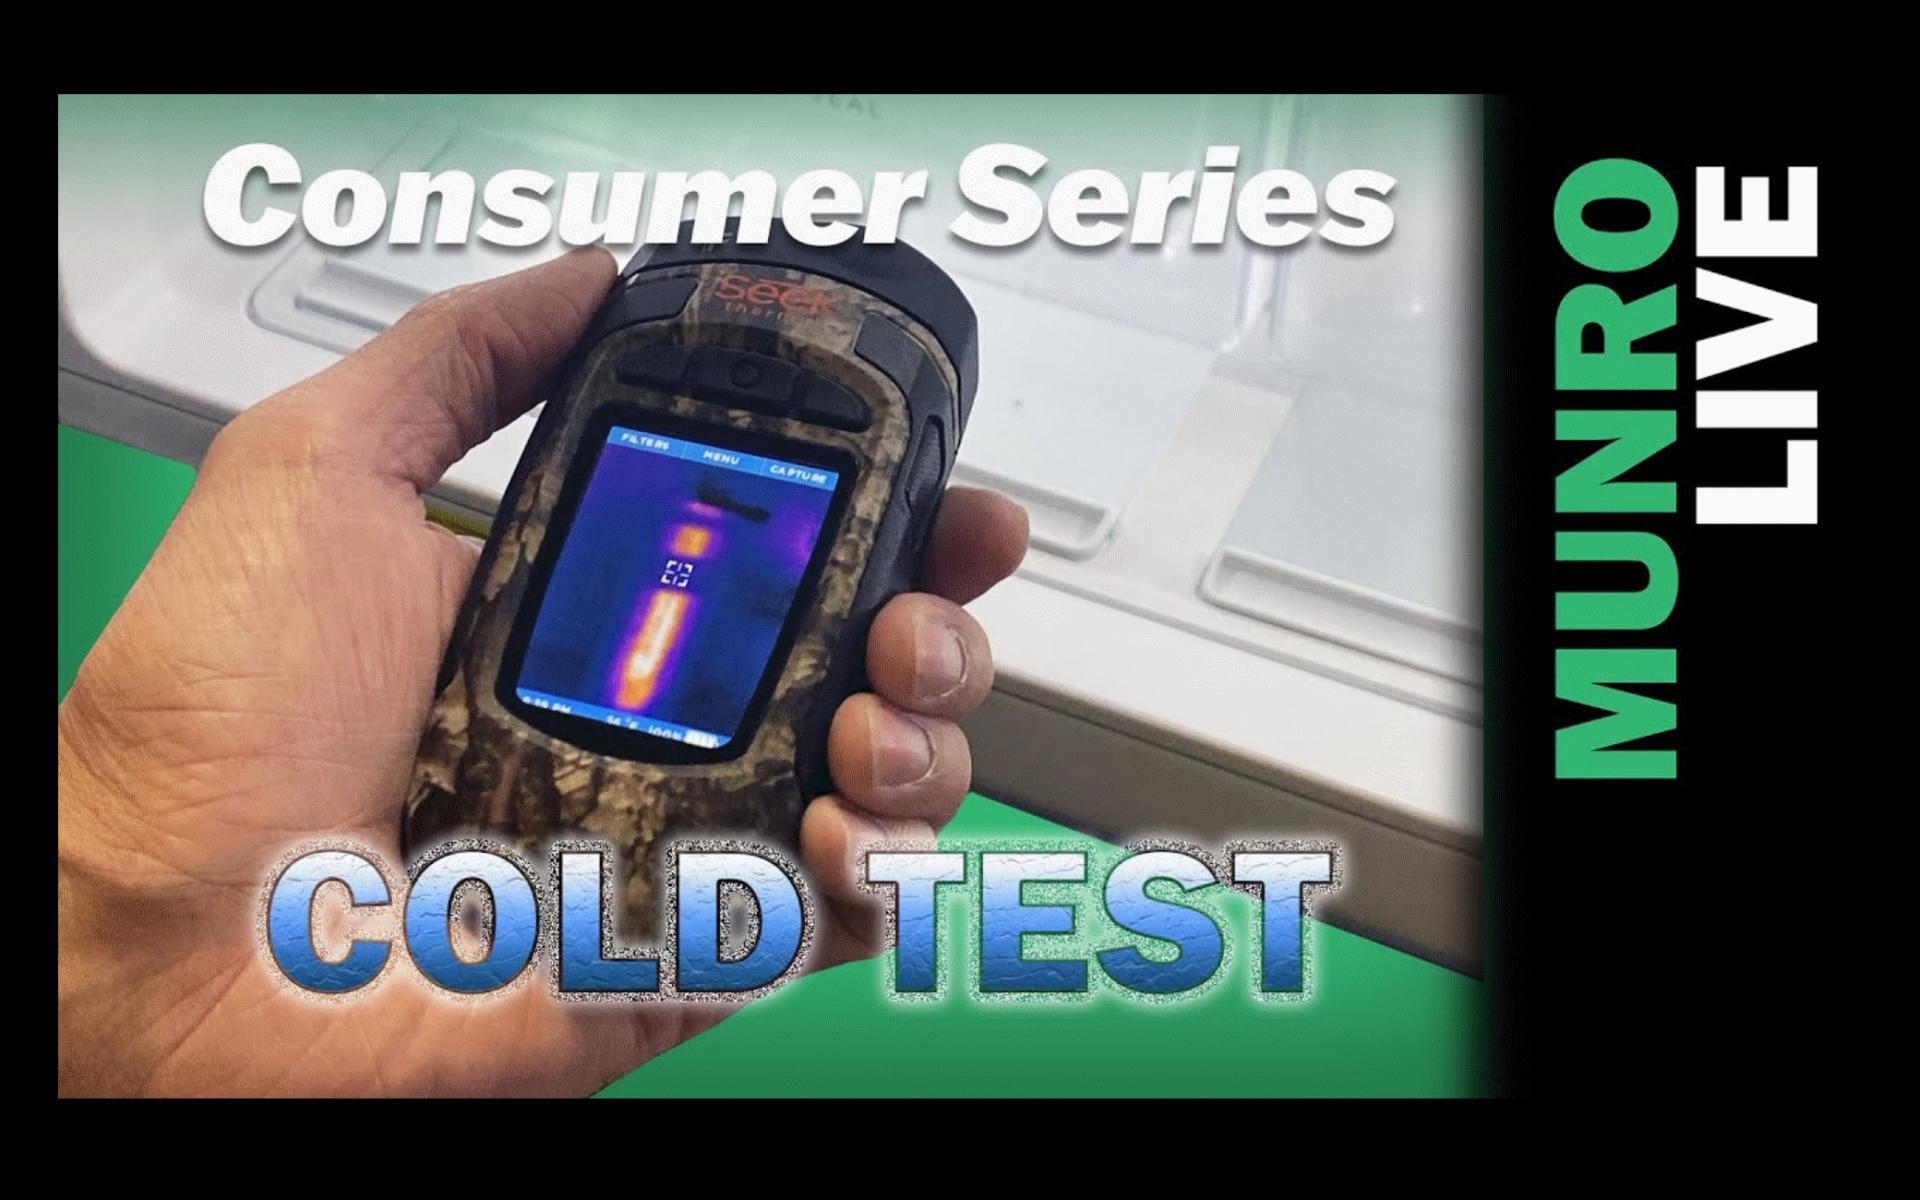 Munro Consumer Series Frigidaire vs Sub-Zero Cold Test